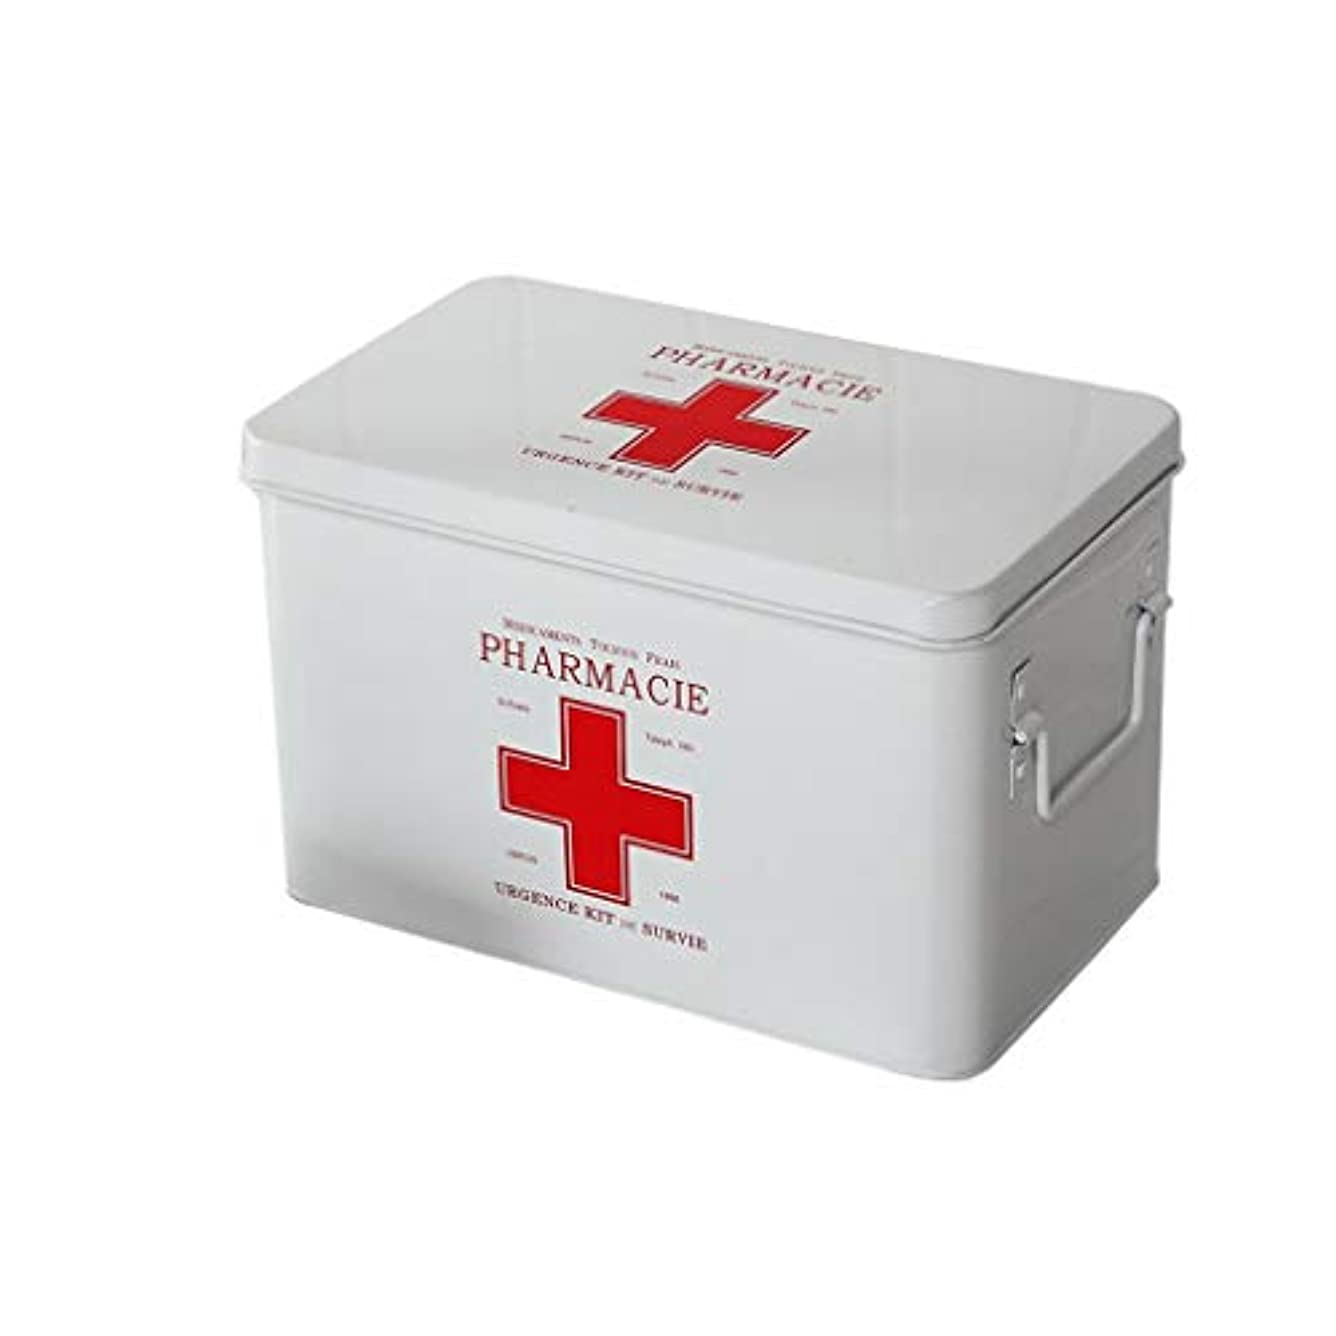 はげ固執反対する救急箱 医療箱の救急箱の薬剤の収納箱家の医療キットの薬の収納箱 Xuan - worth having (Color : White)